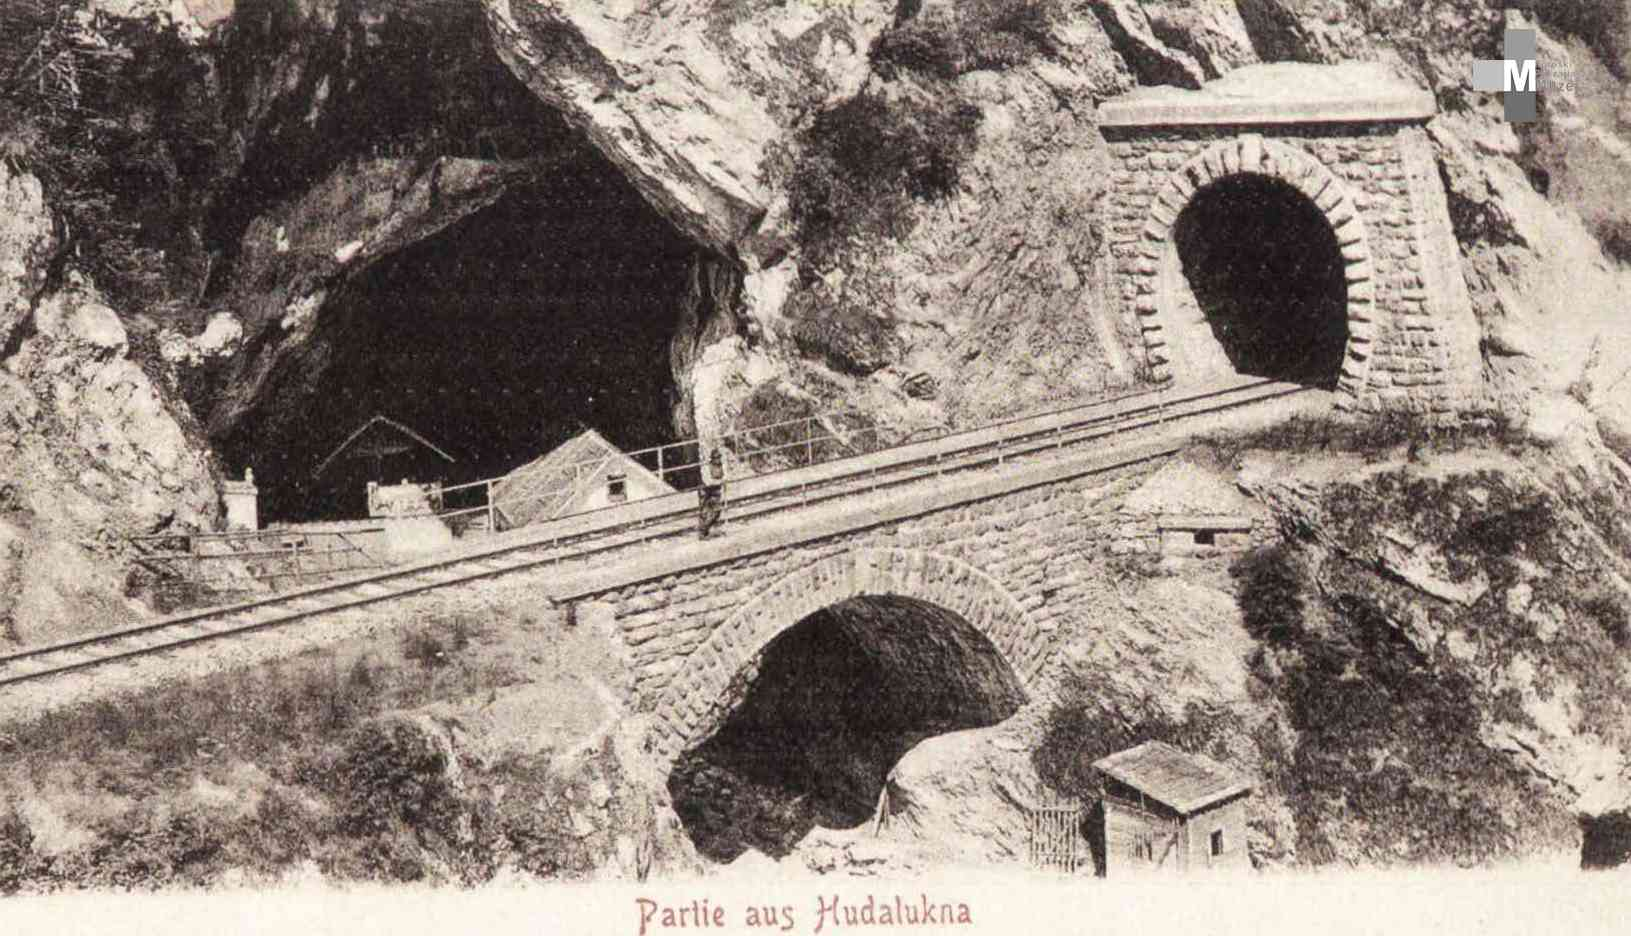 Štrekna - Kamniti ločni most z odprtino 10 m čez potok Ponikva.